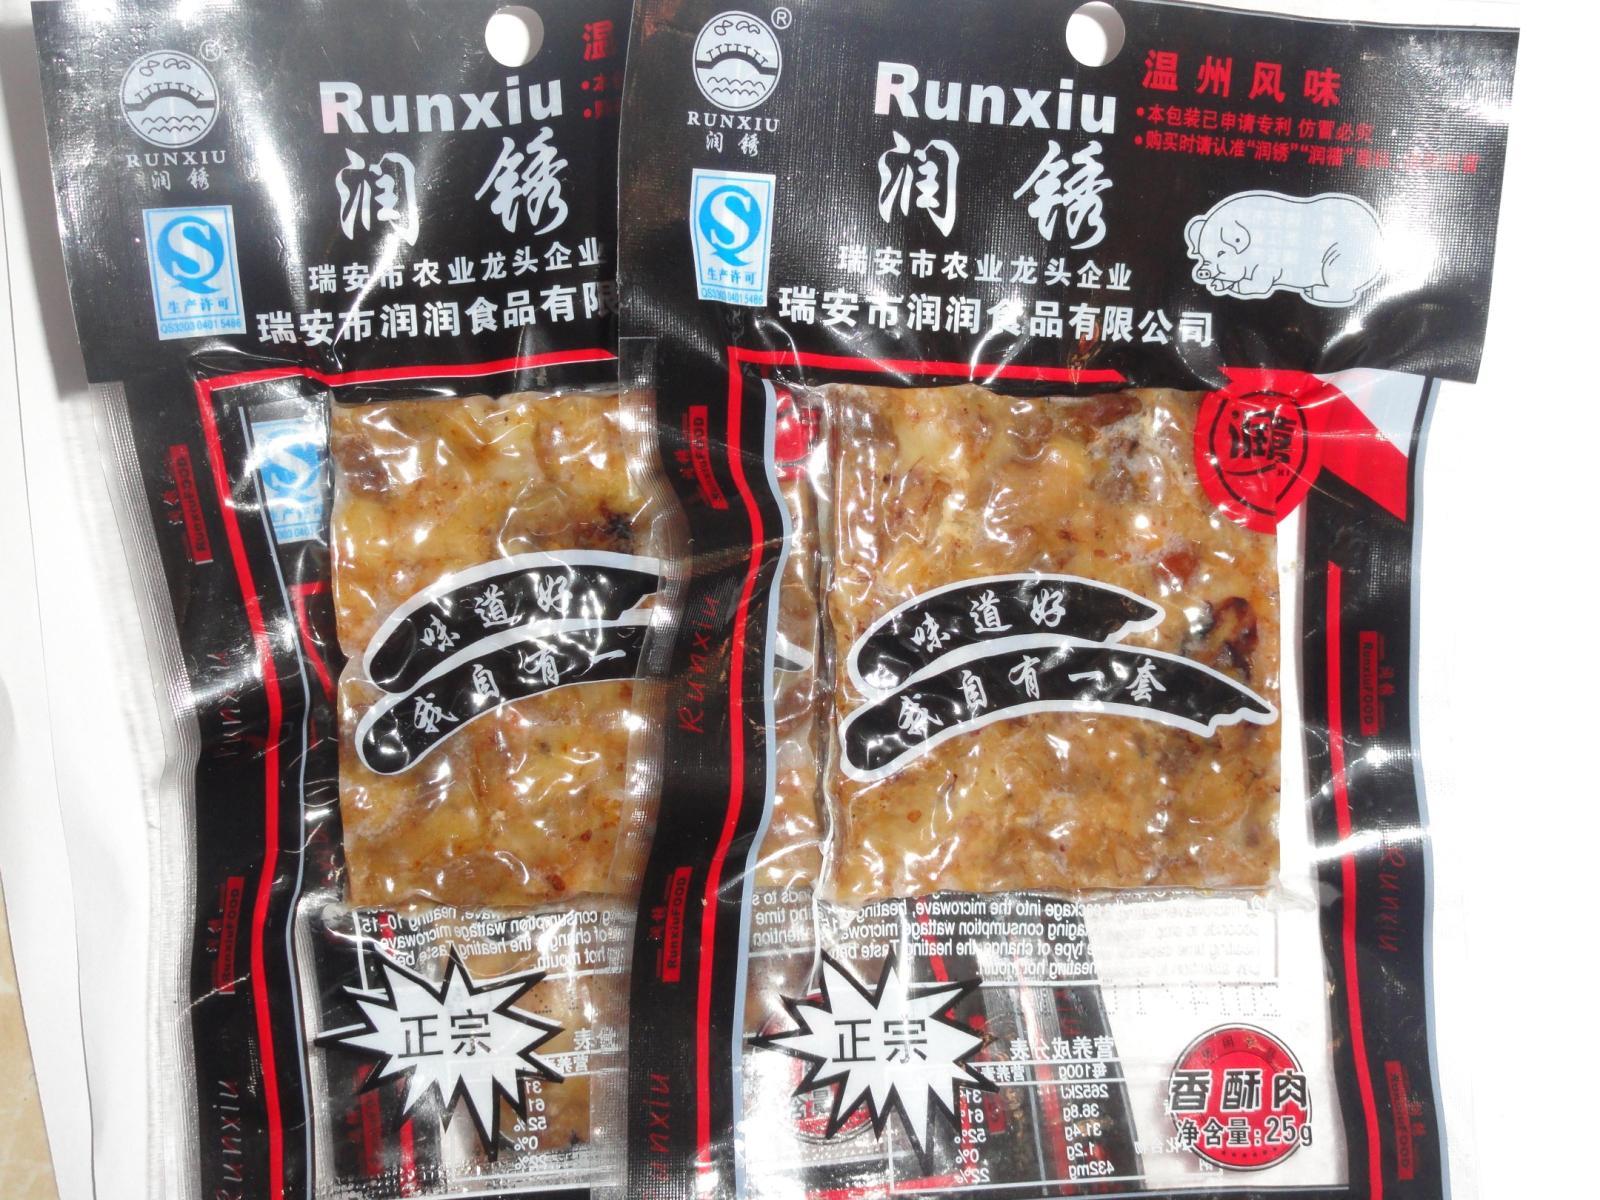 温州特产休闲零食品 润秀猪油渣25g 香酥肉 浙江沪满68包邮